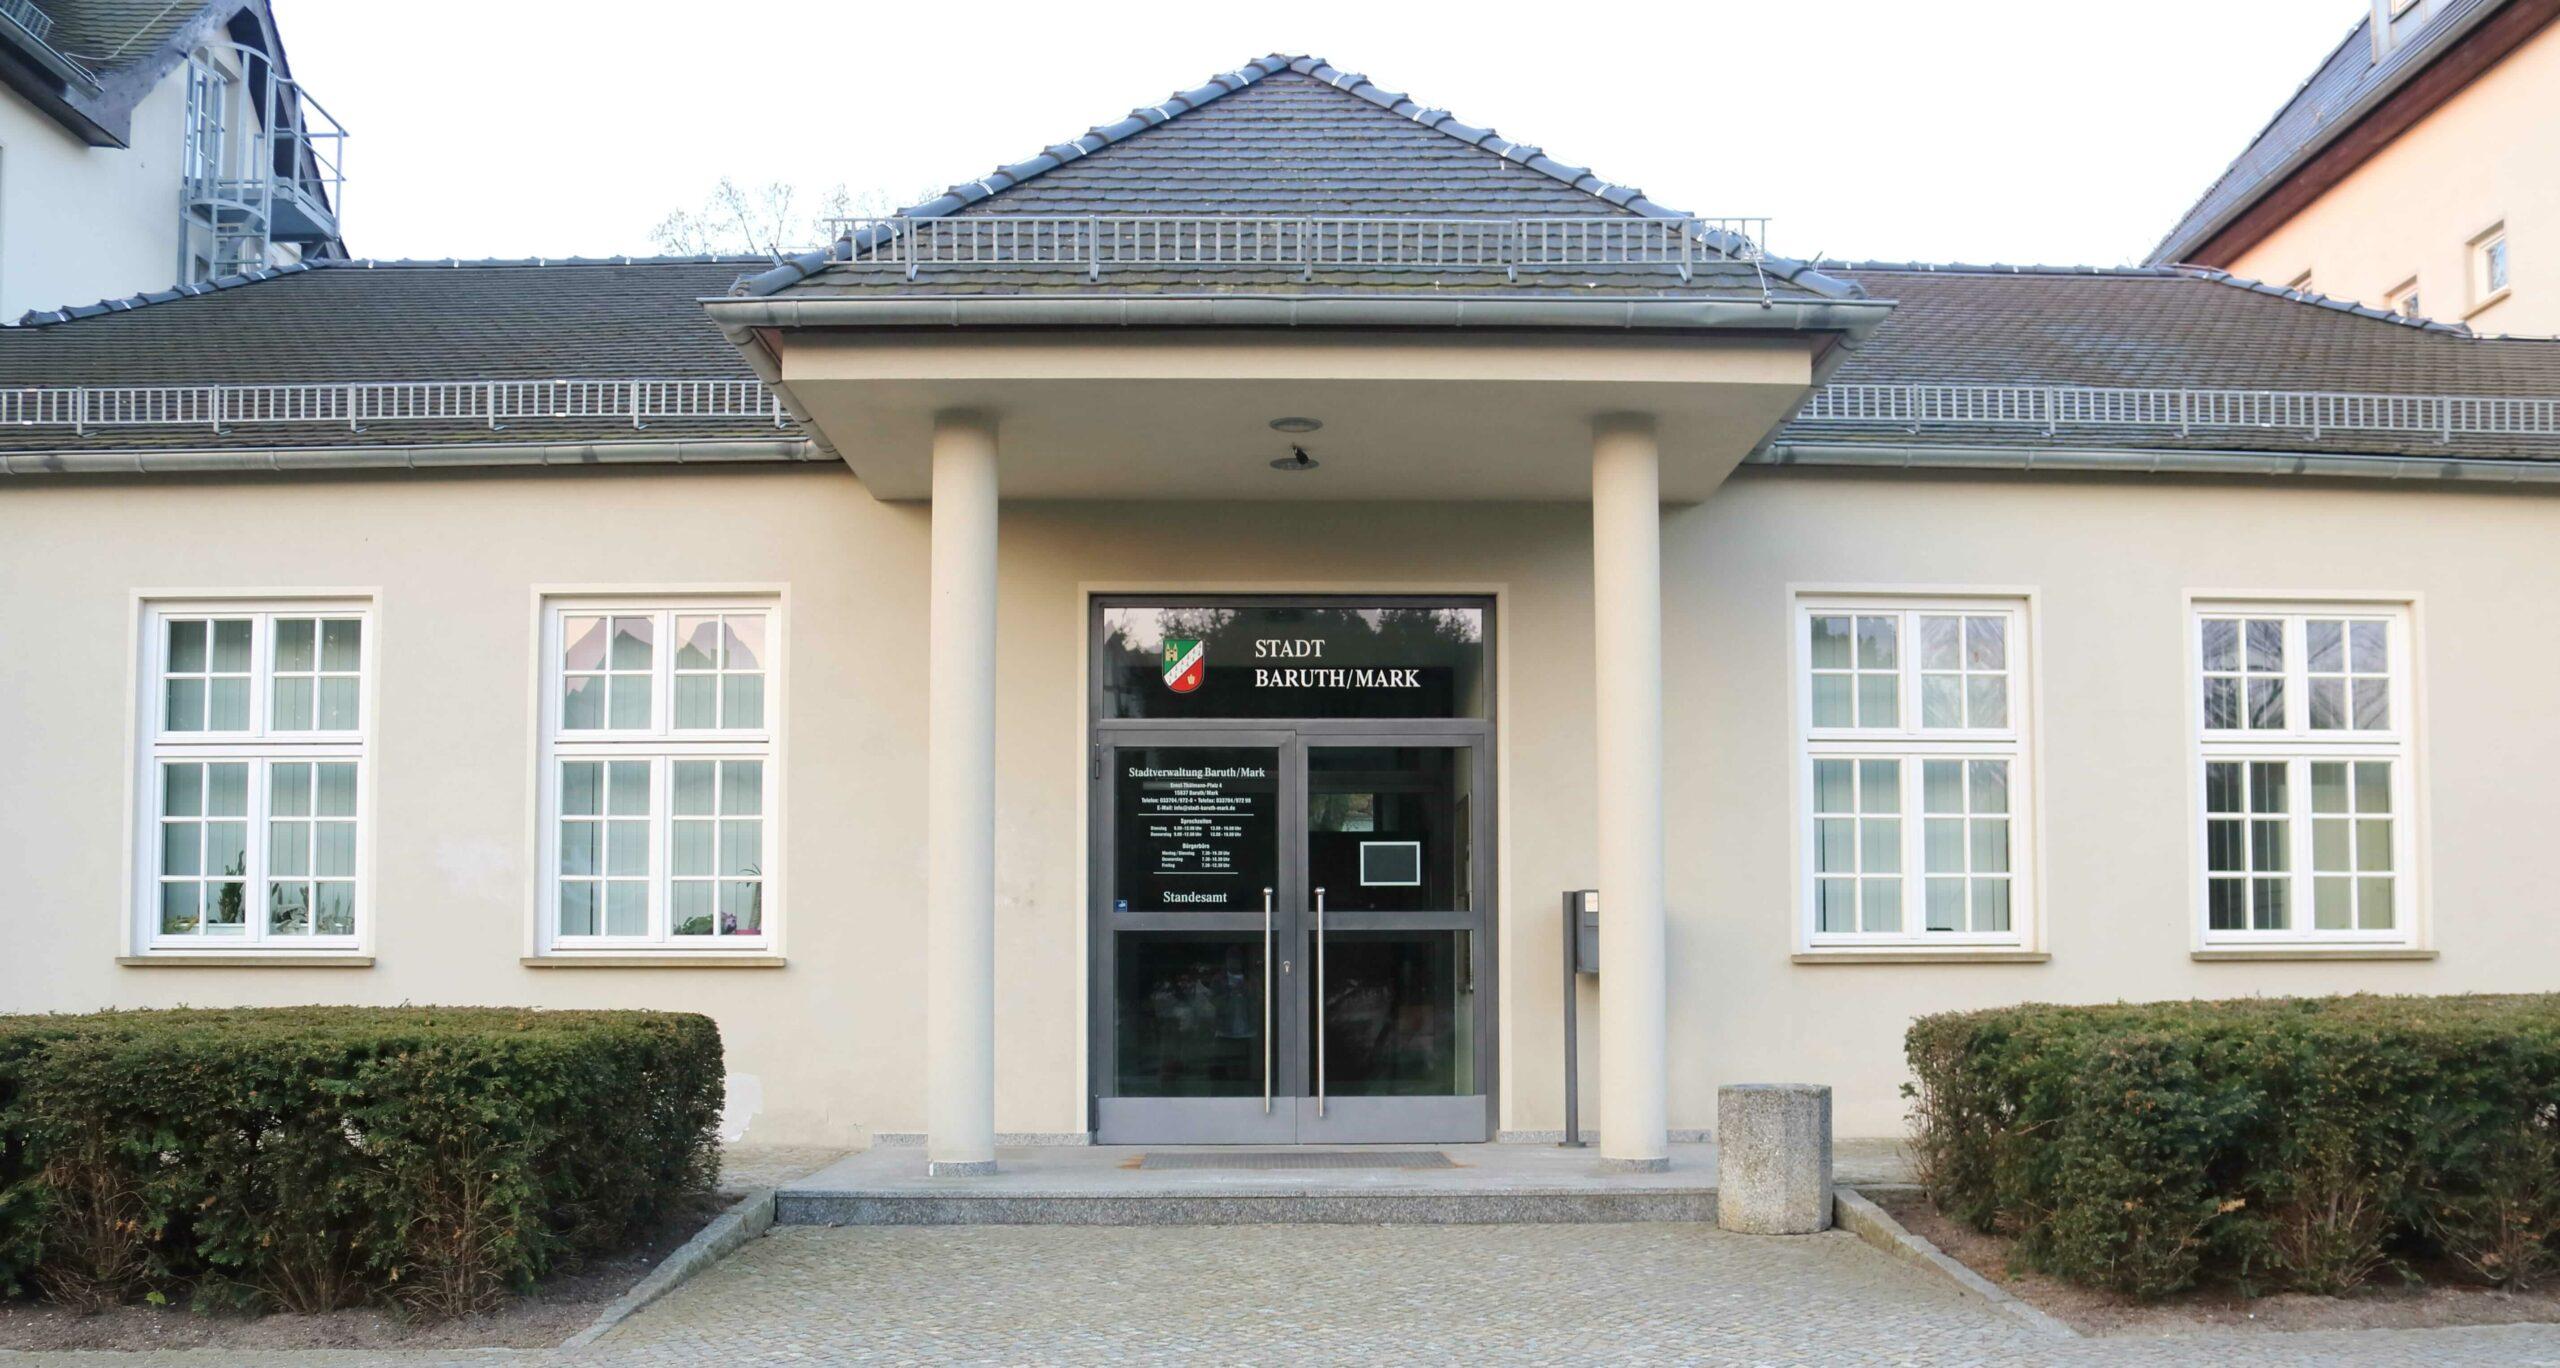 Bürgeramt Baruth Mark - 15936